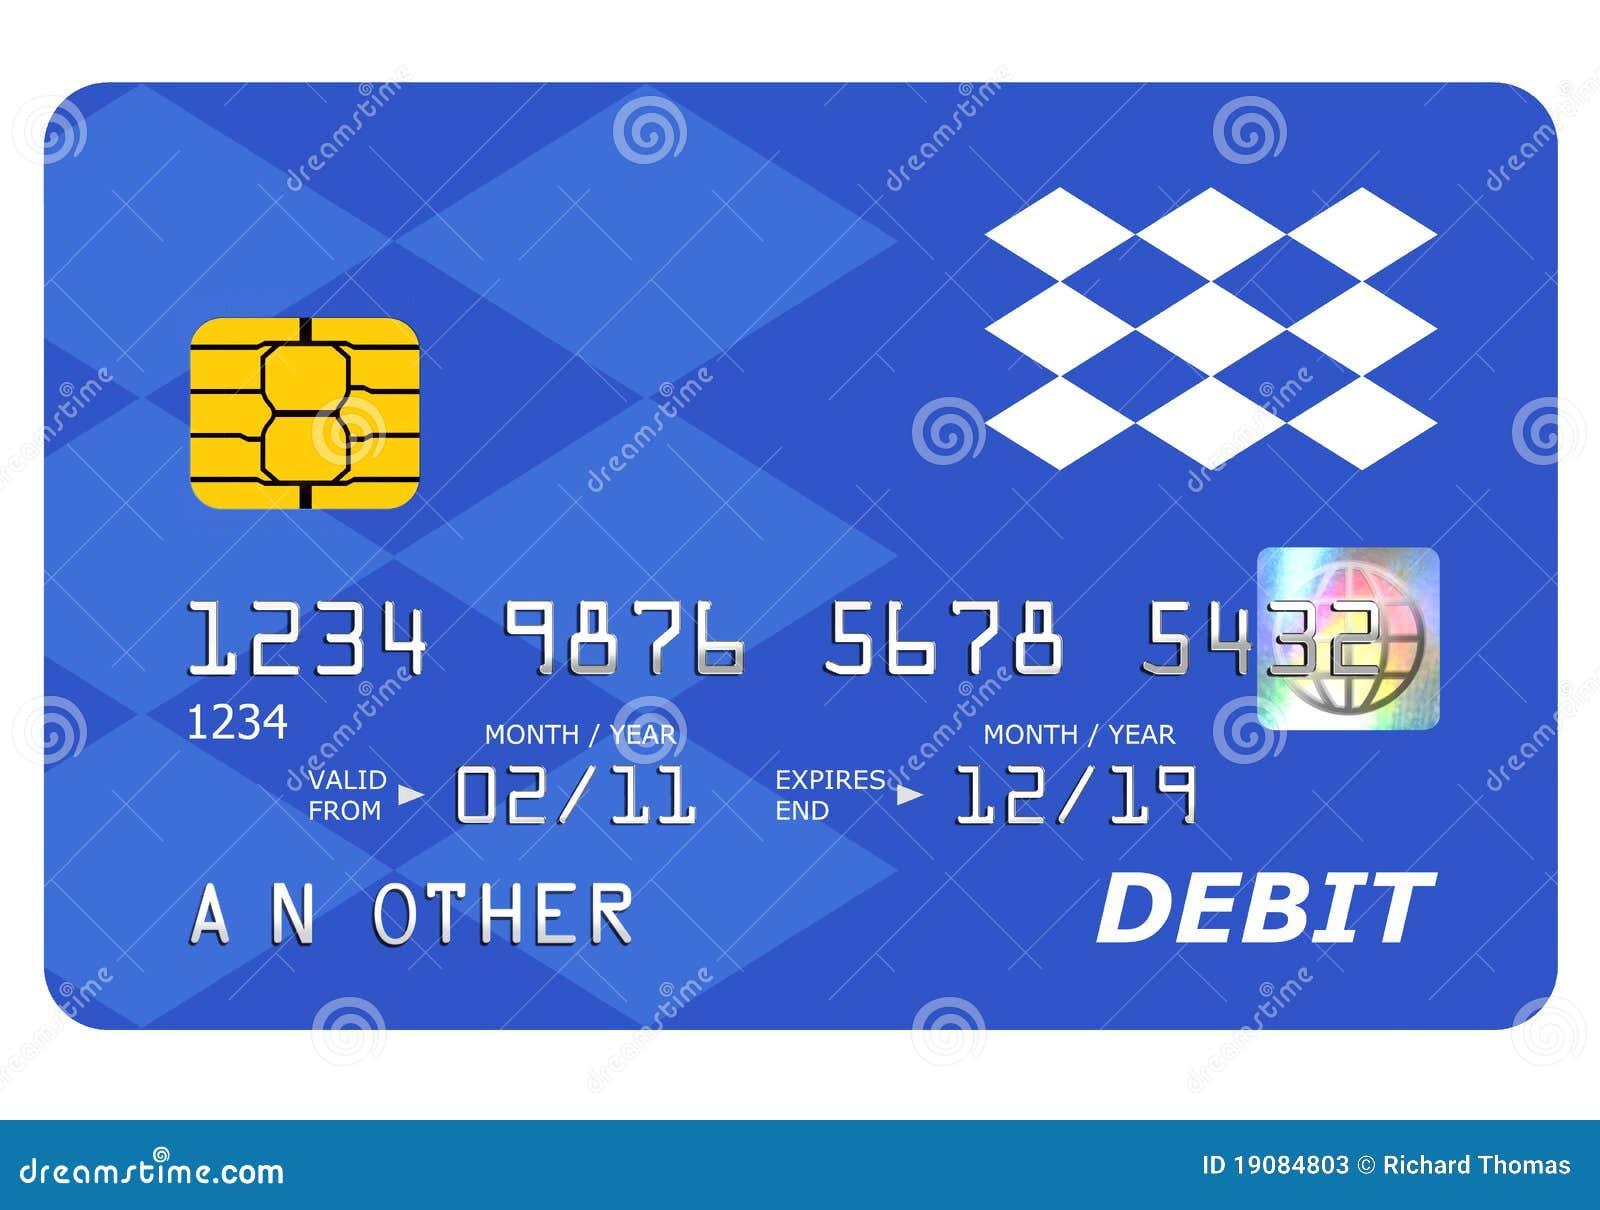 fausse carte bancaire valide Credit bank personnel: Fausse carte bancaire